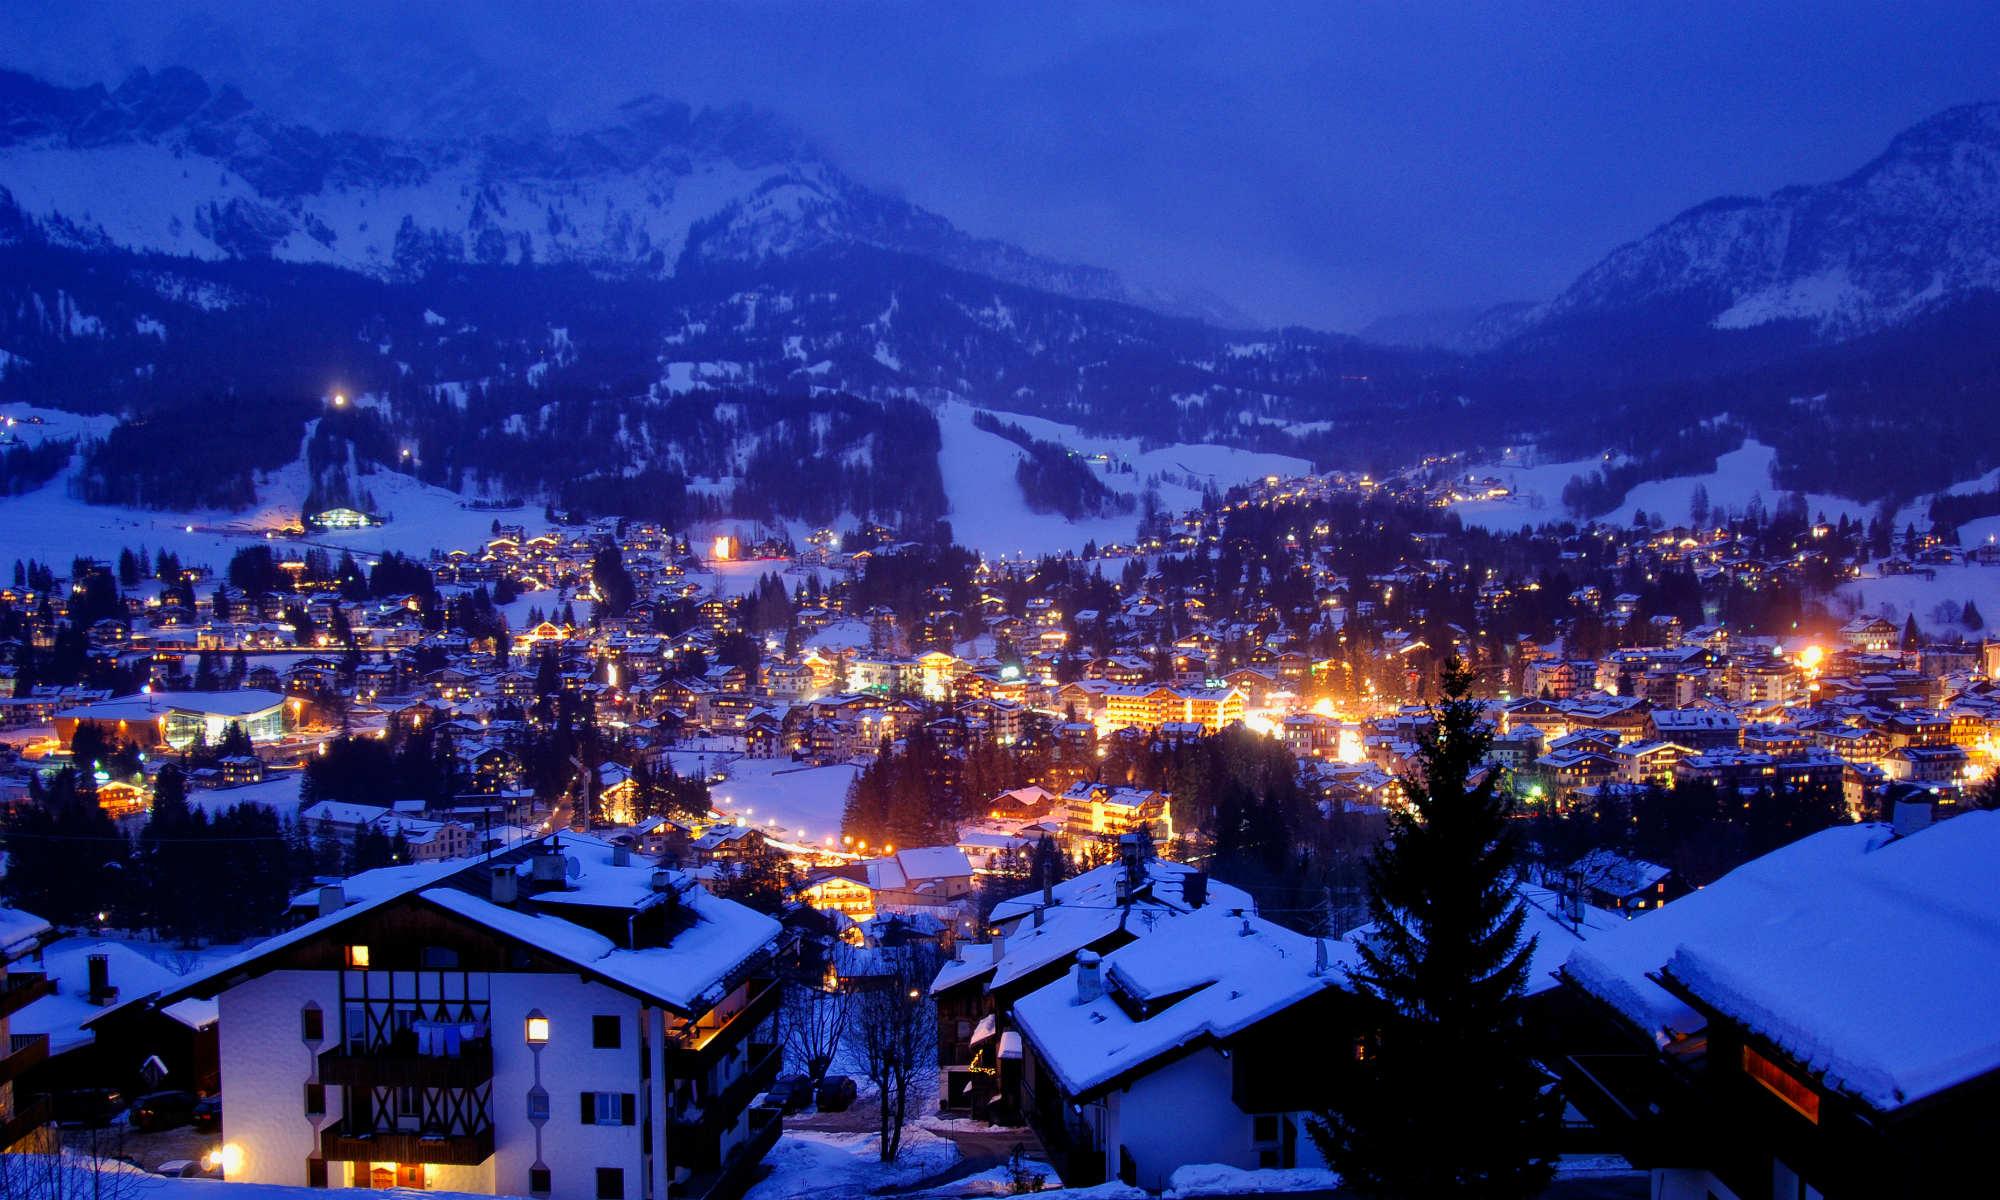 Vista notturna sulla città innevata di Cortina d'Ampezzo, illuminata dalle luci provenienti dalle finestre delle abitazioni e dai locali aperti.